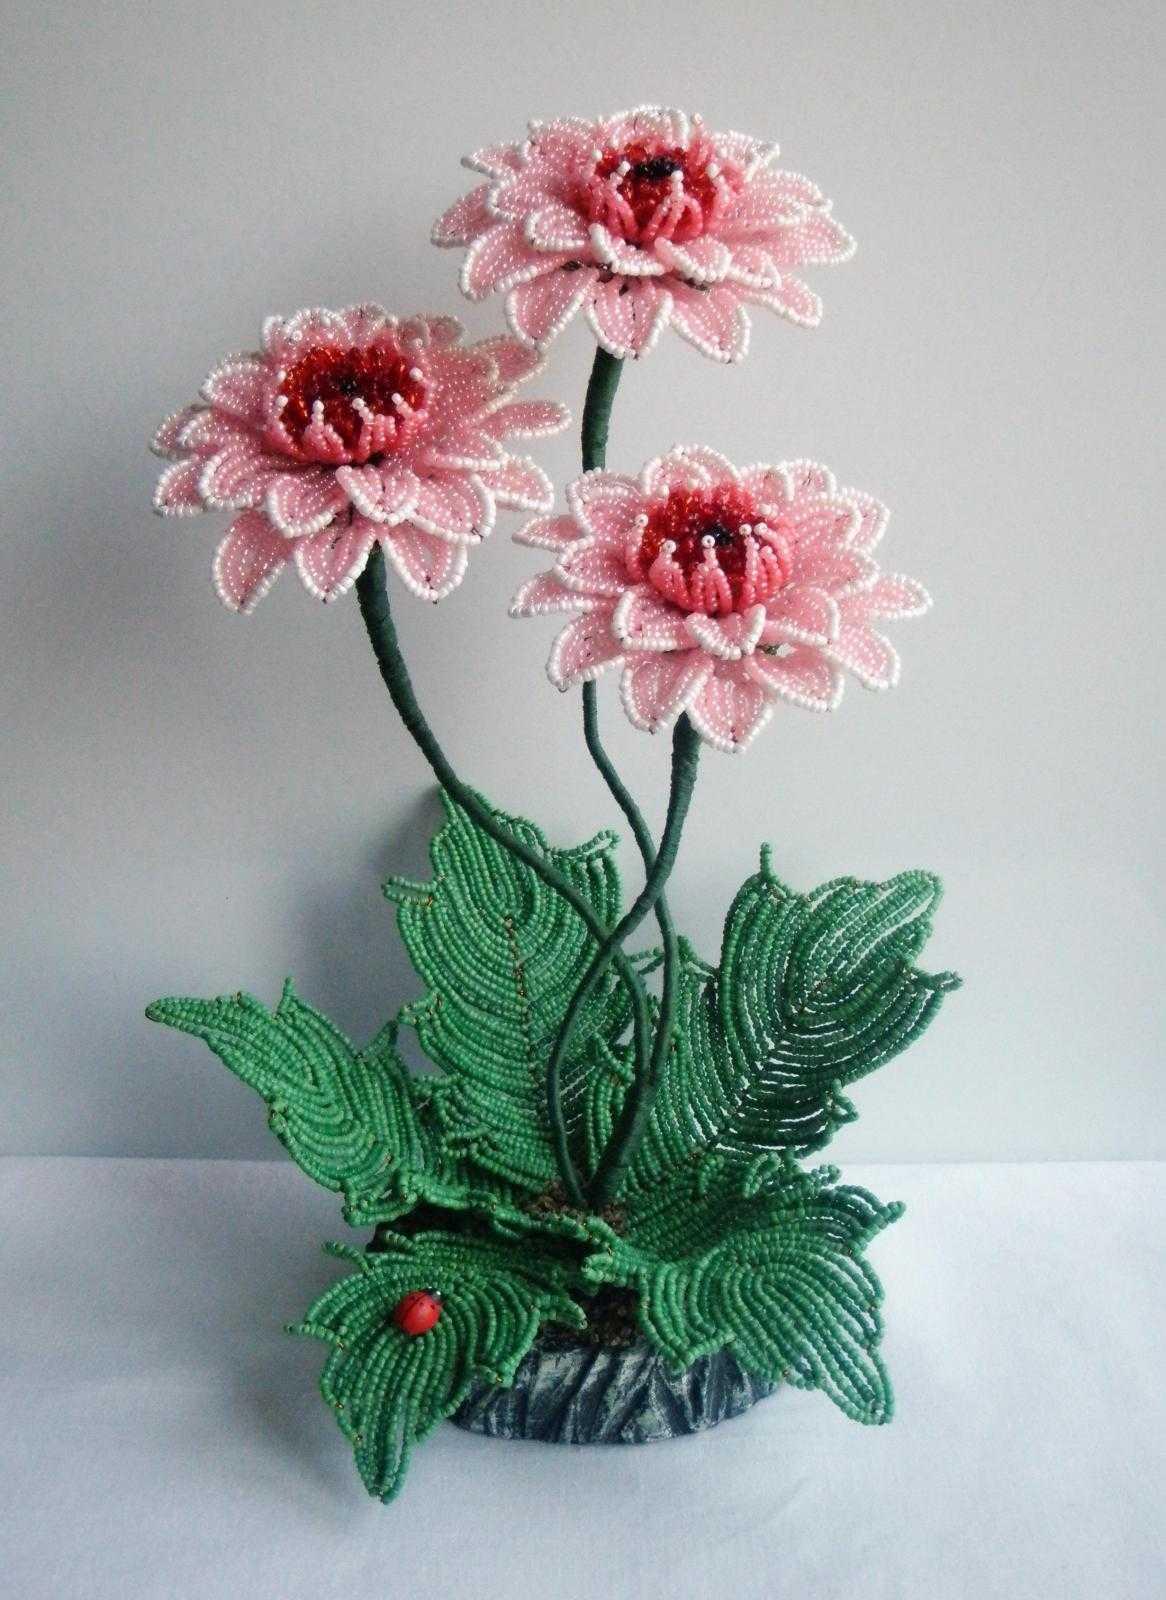 Бисероплетение цветы: бисерные букеты и композиции, мастер-класс по плетению из бисера для начинающих